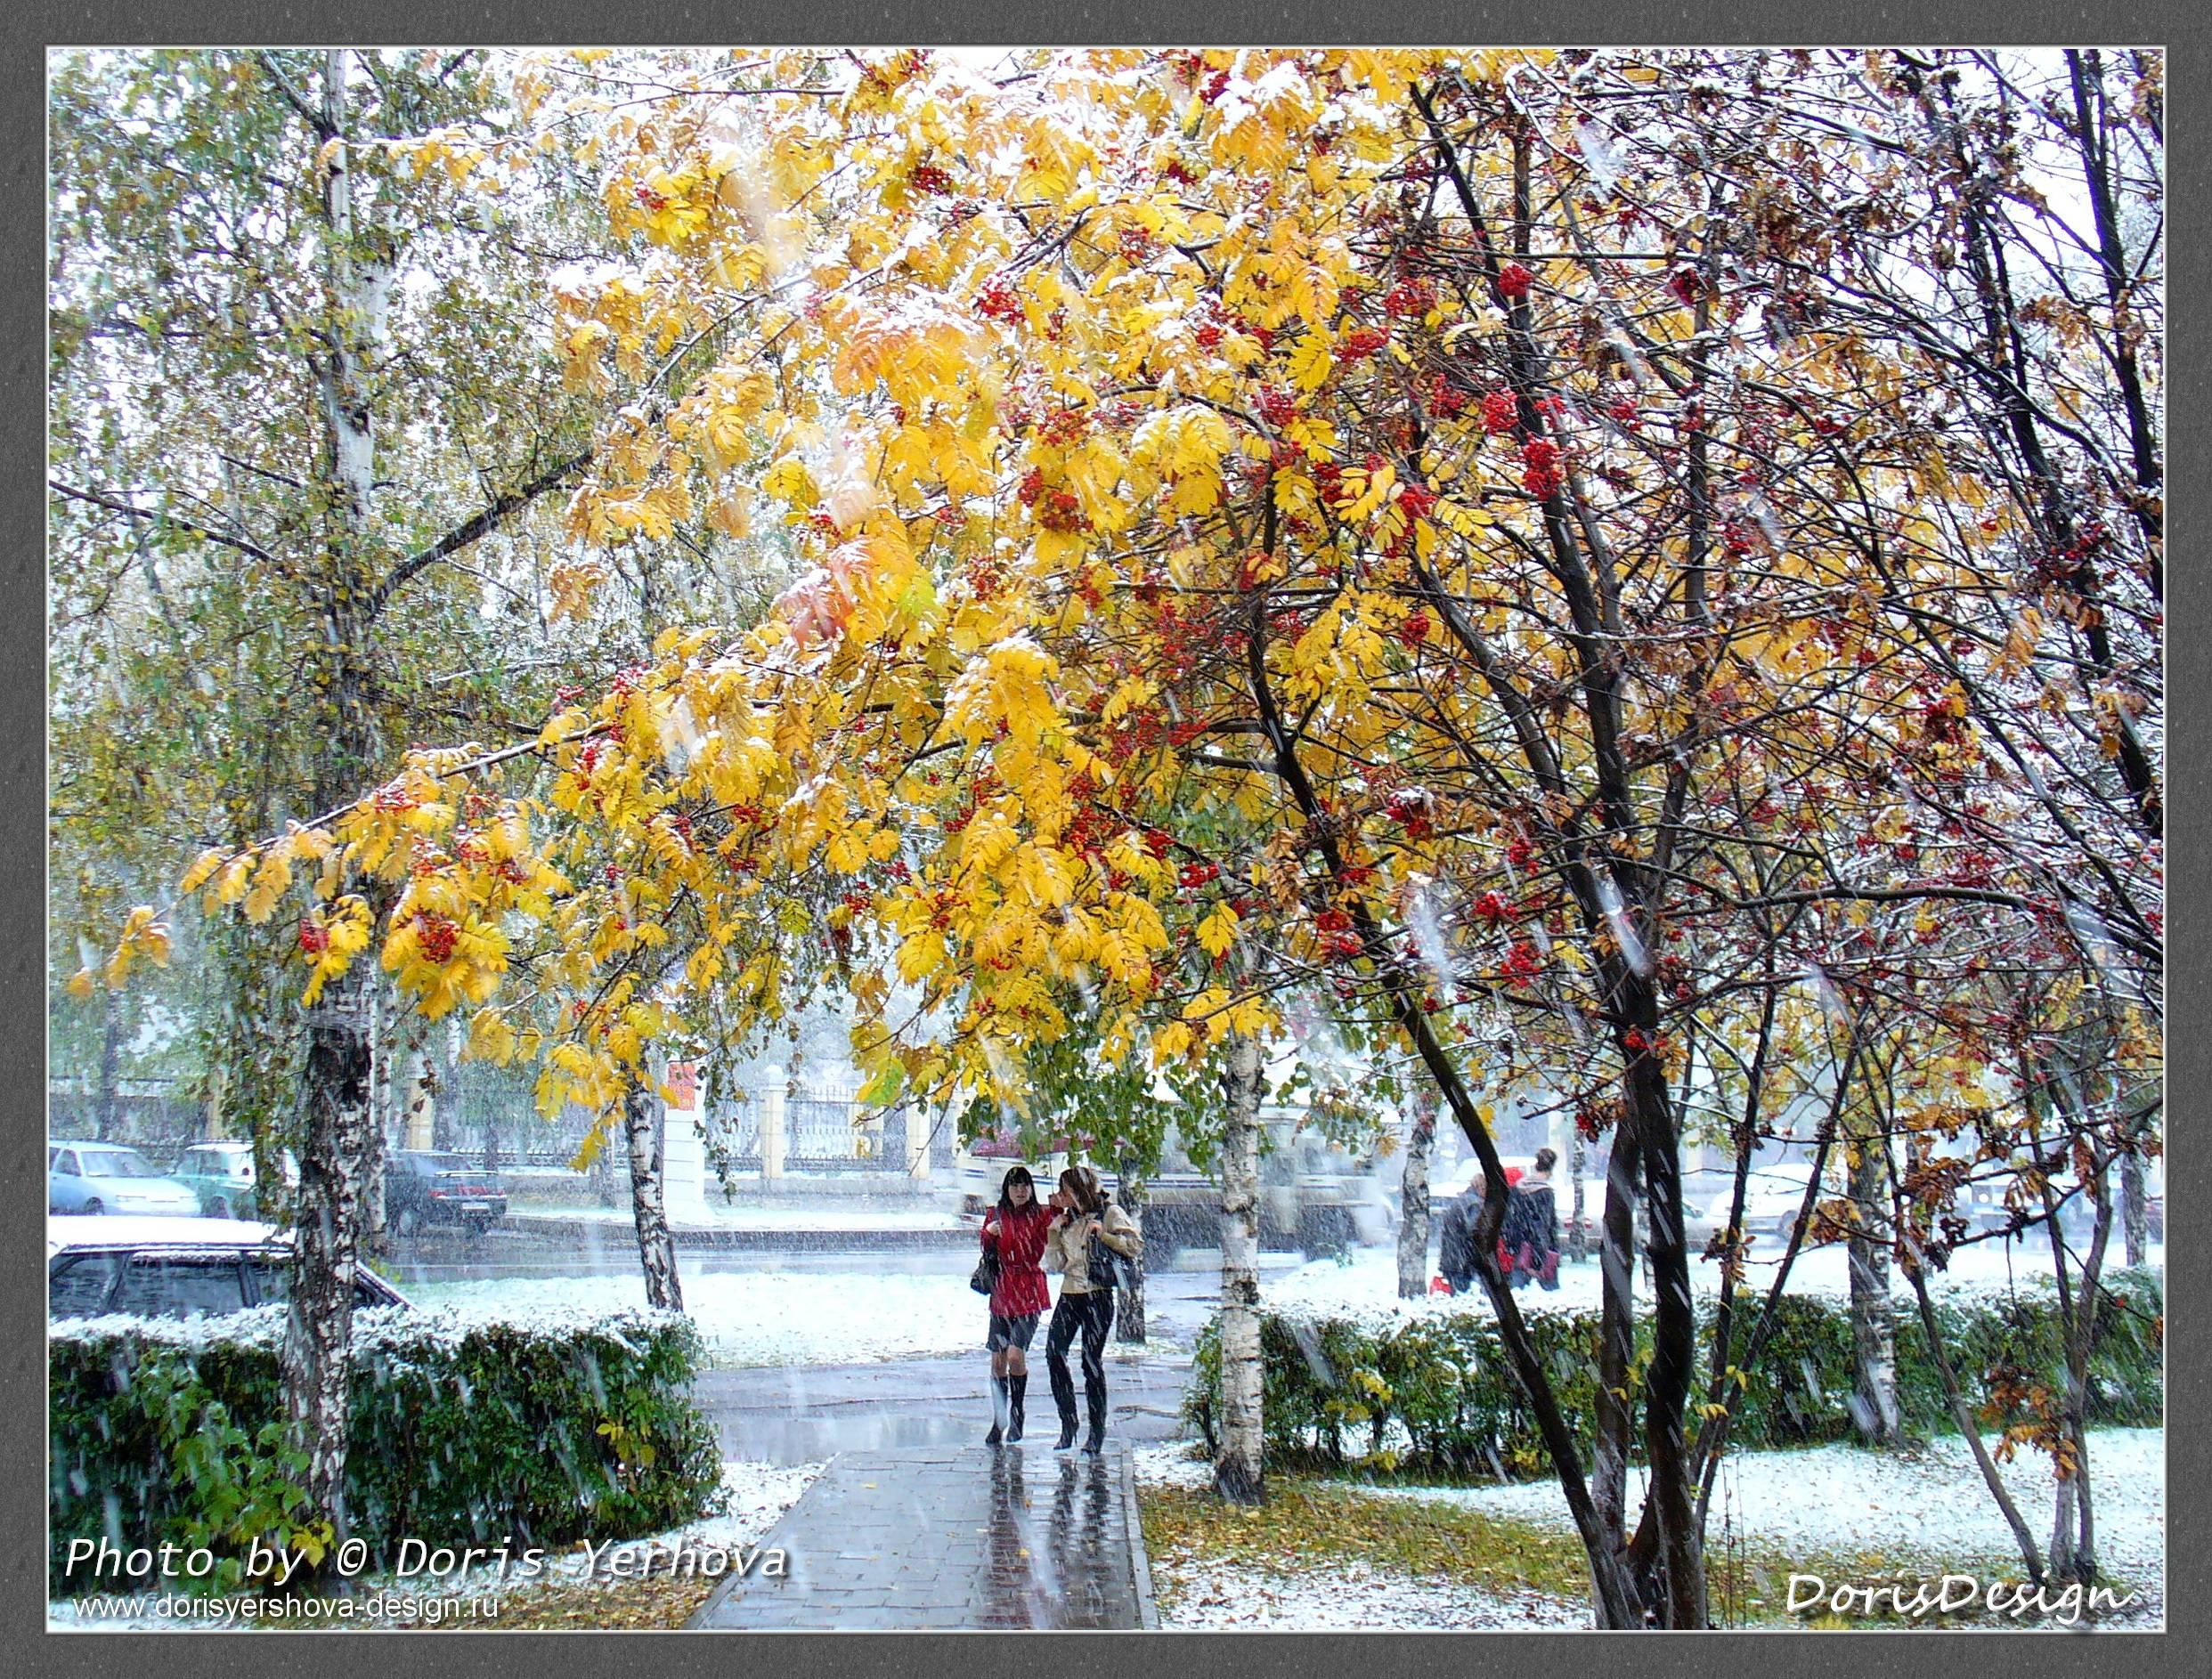 Желтые листья и снег. Фото - © Дорис Ершова